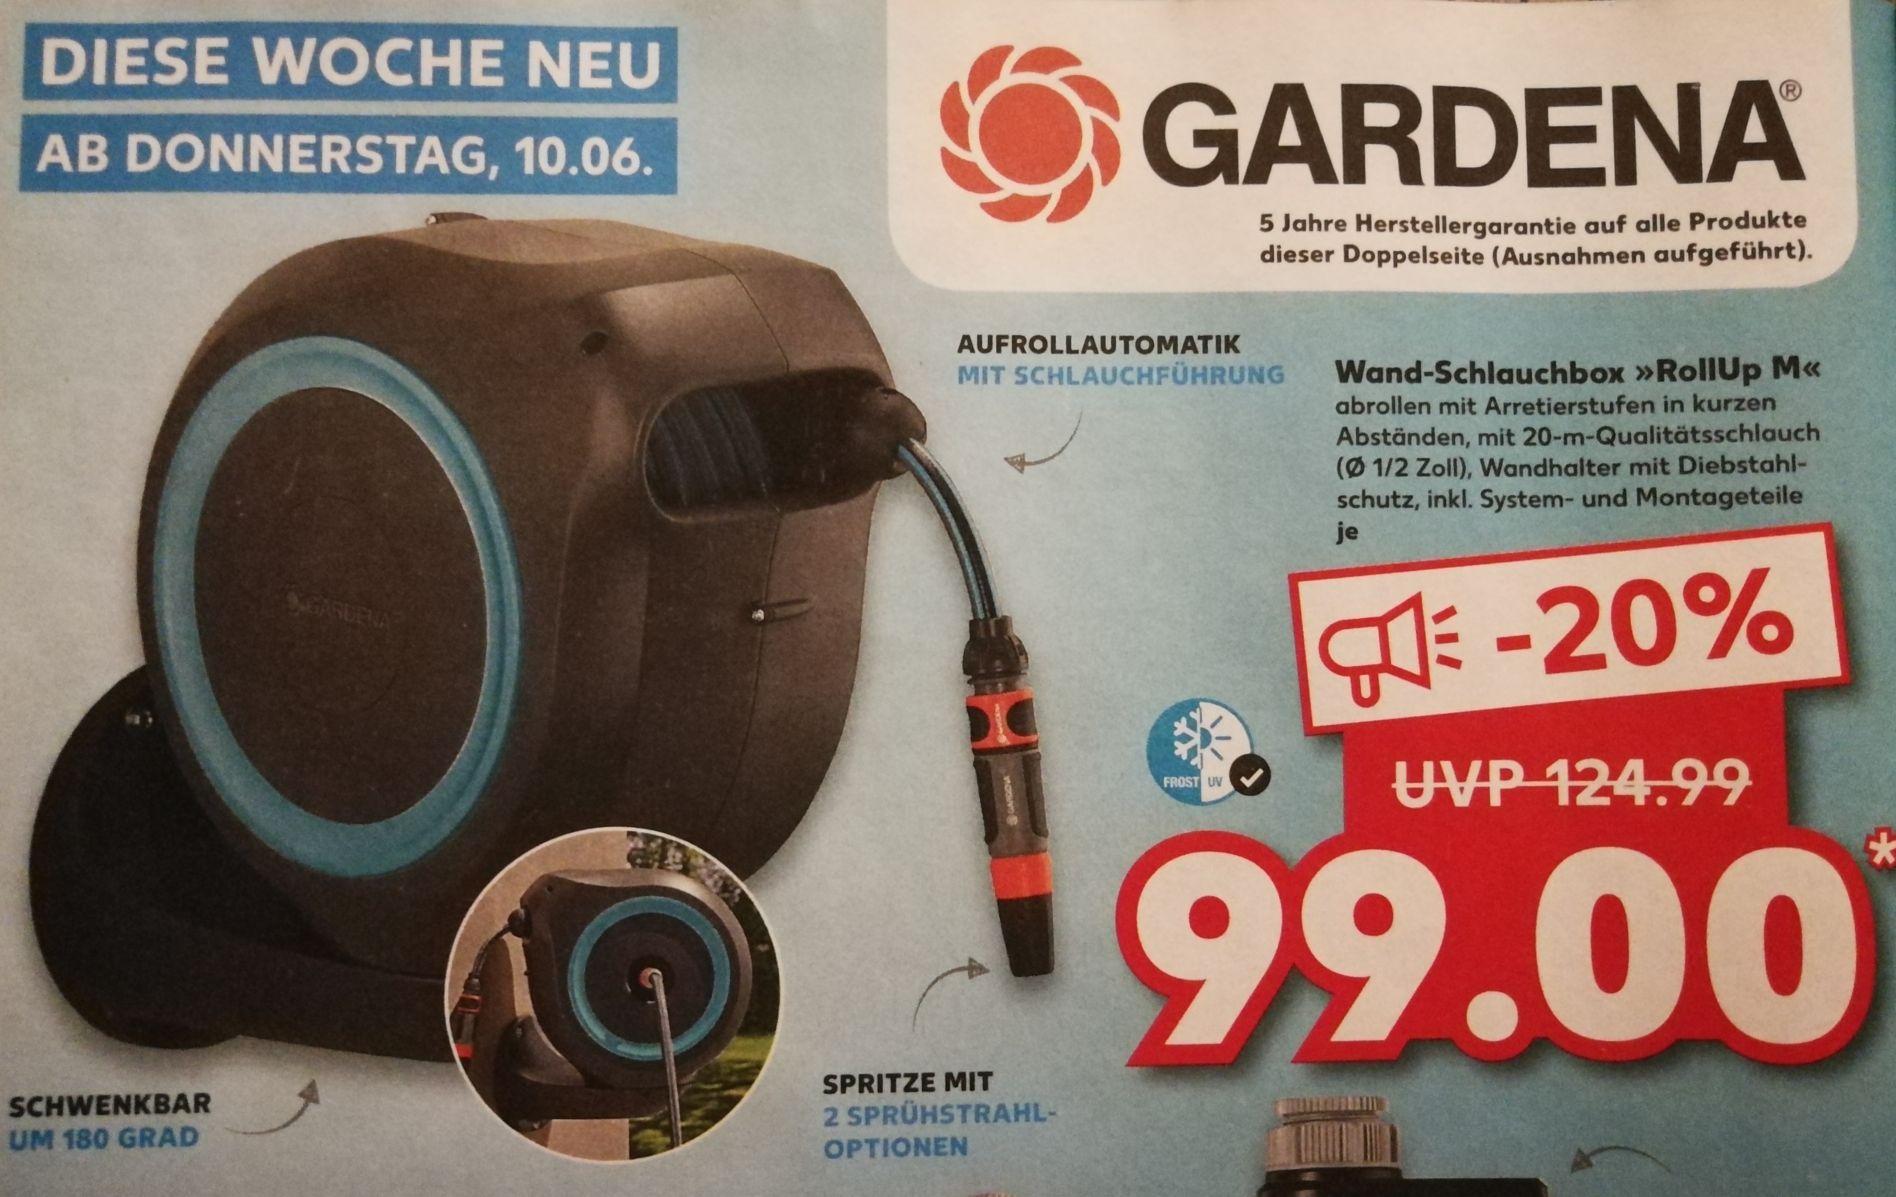 """[TPG] Gardena Wand-Schlauchbox RollUp M 20m 1/2"""" Schlauch & Spritze"""